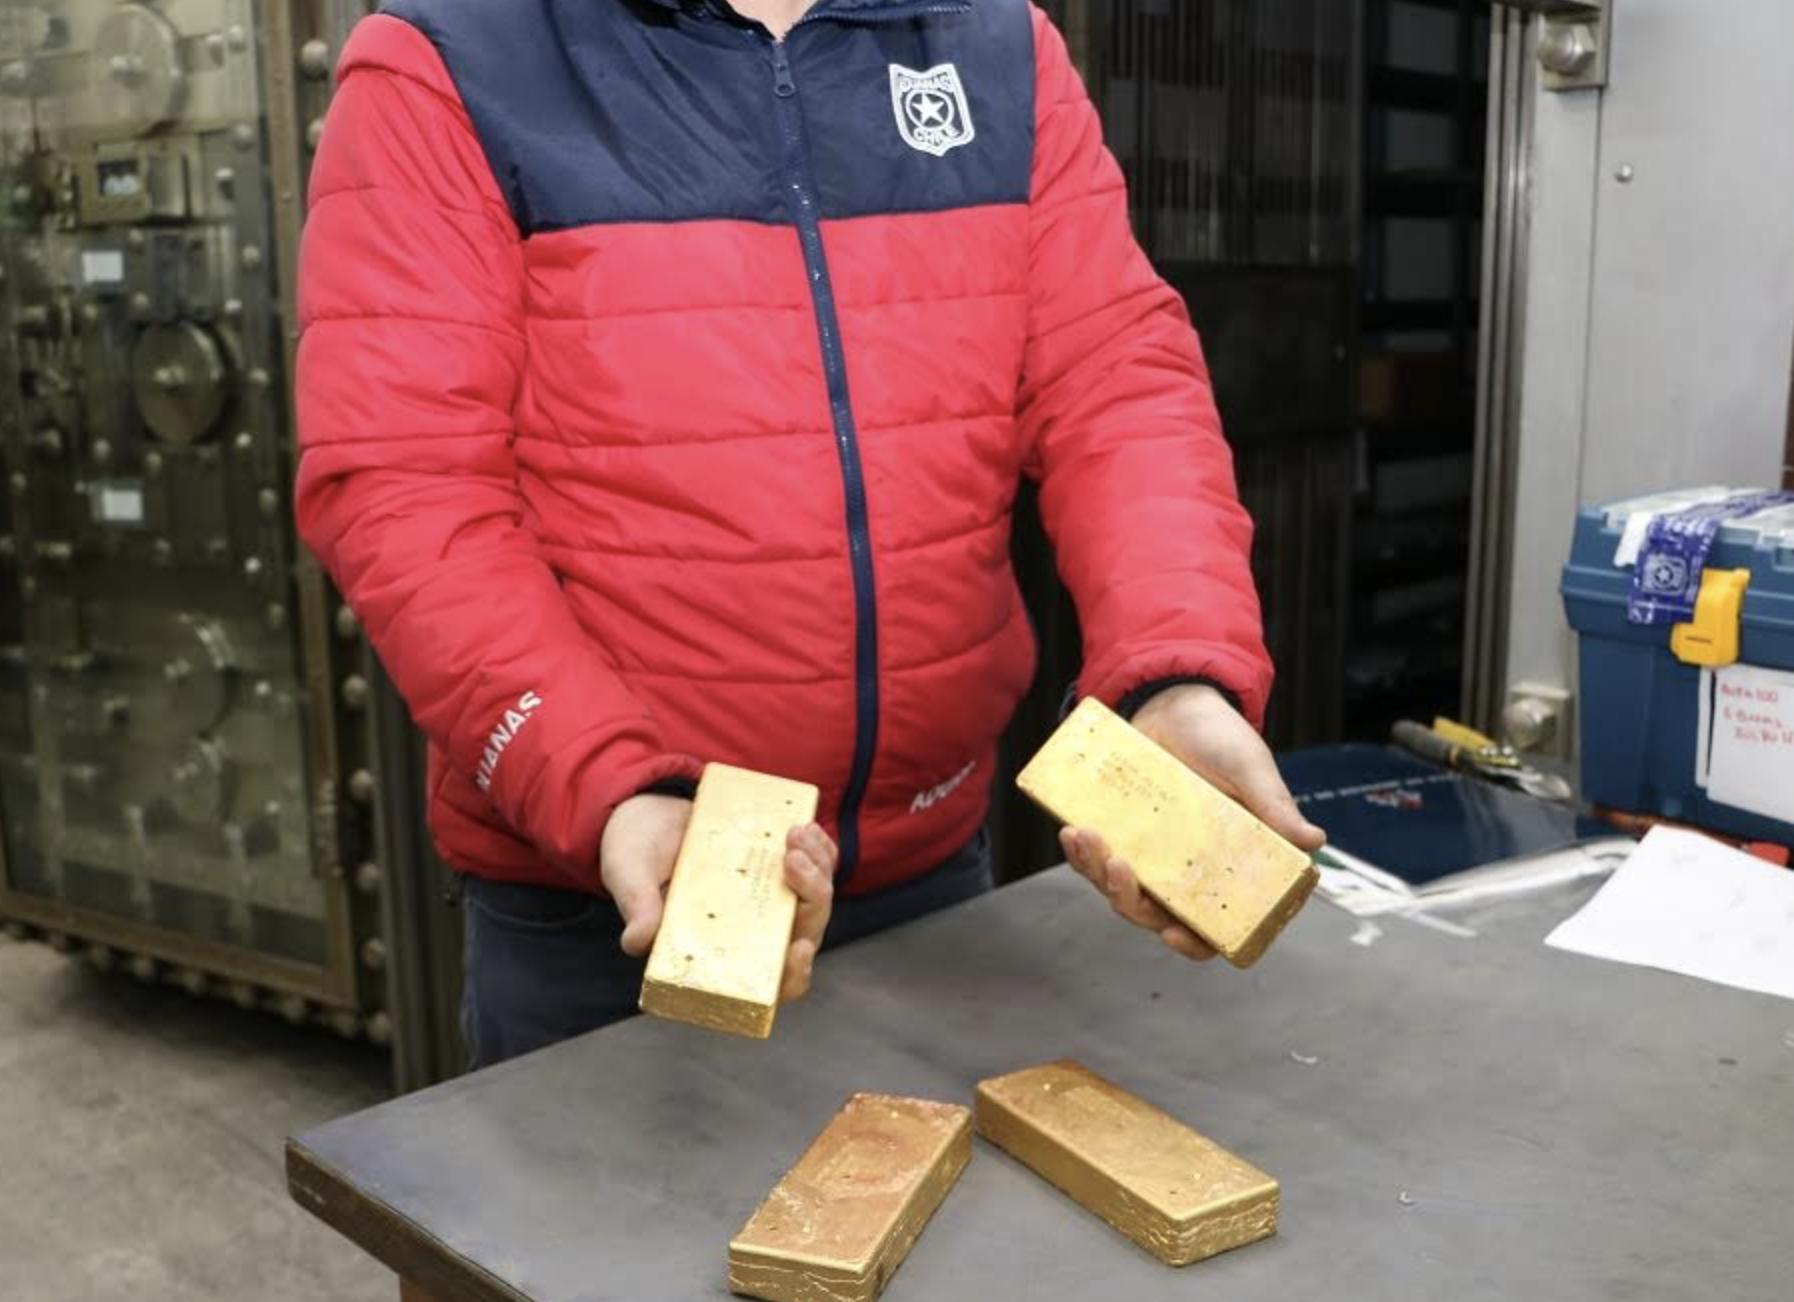 Olvidó lingotes de oro en su  maleta y fueron rematados en aeropuerto